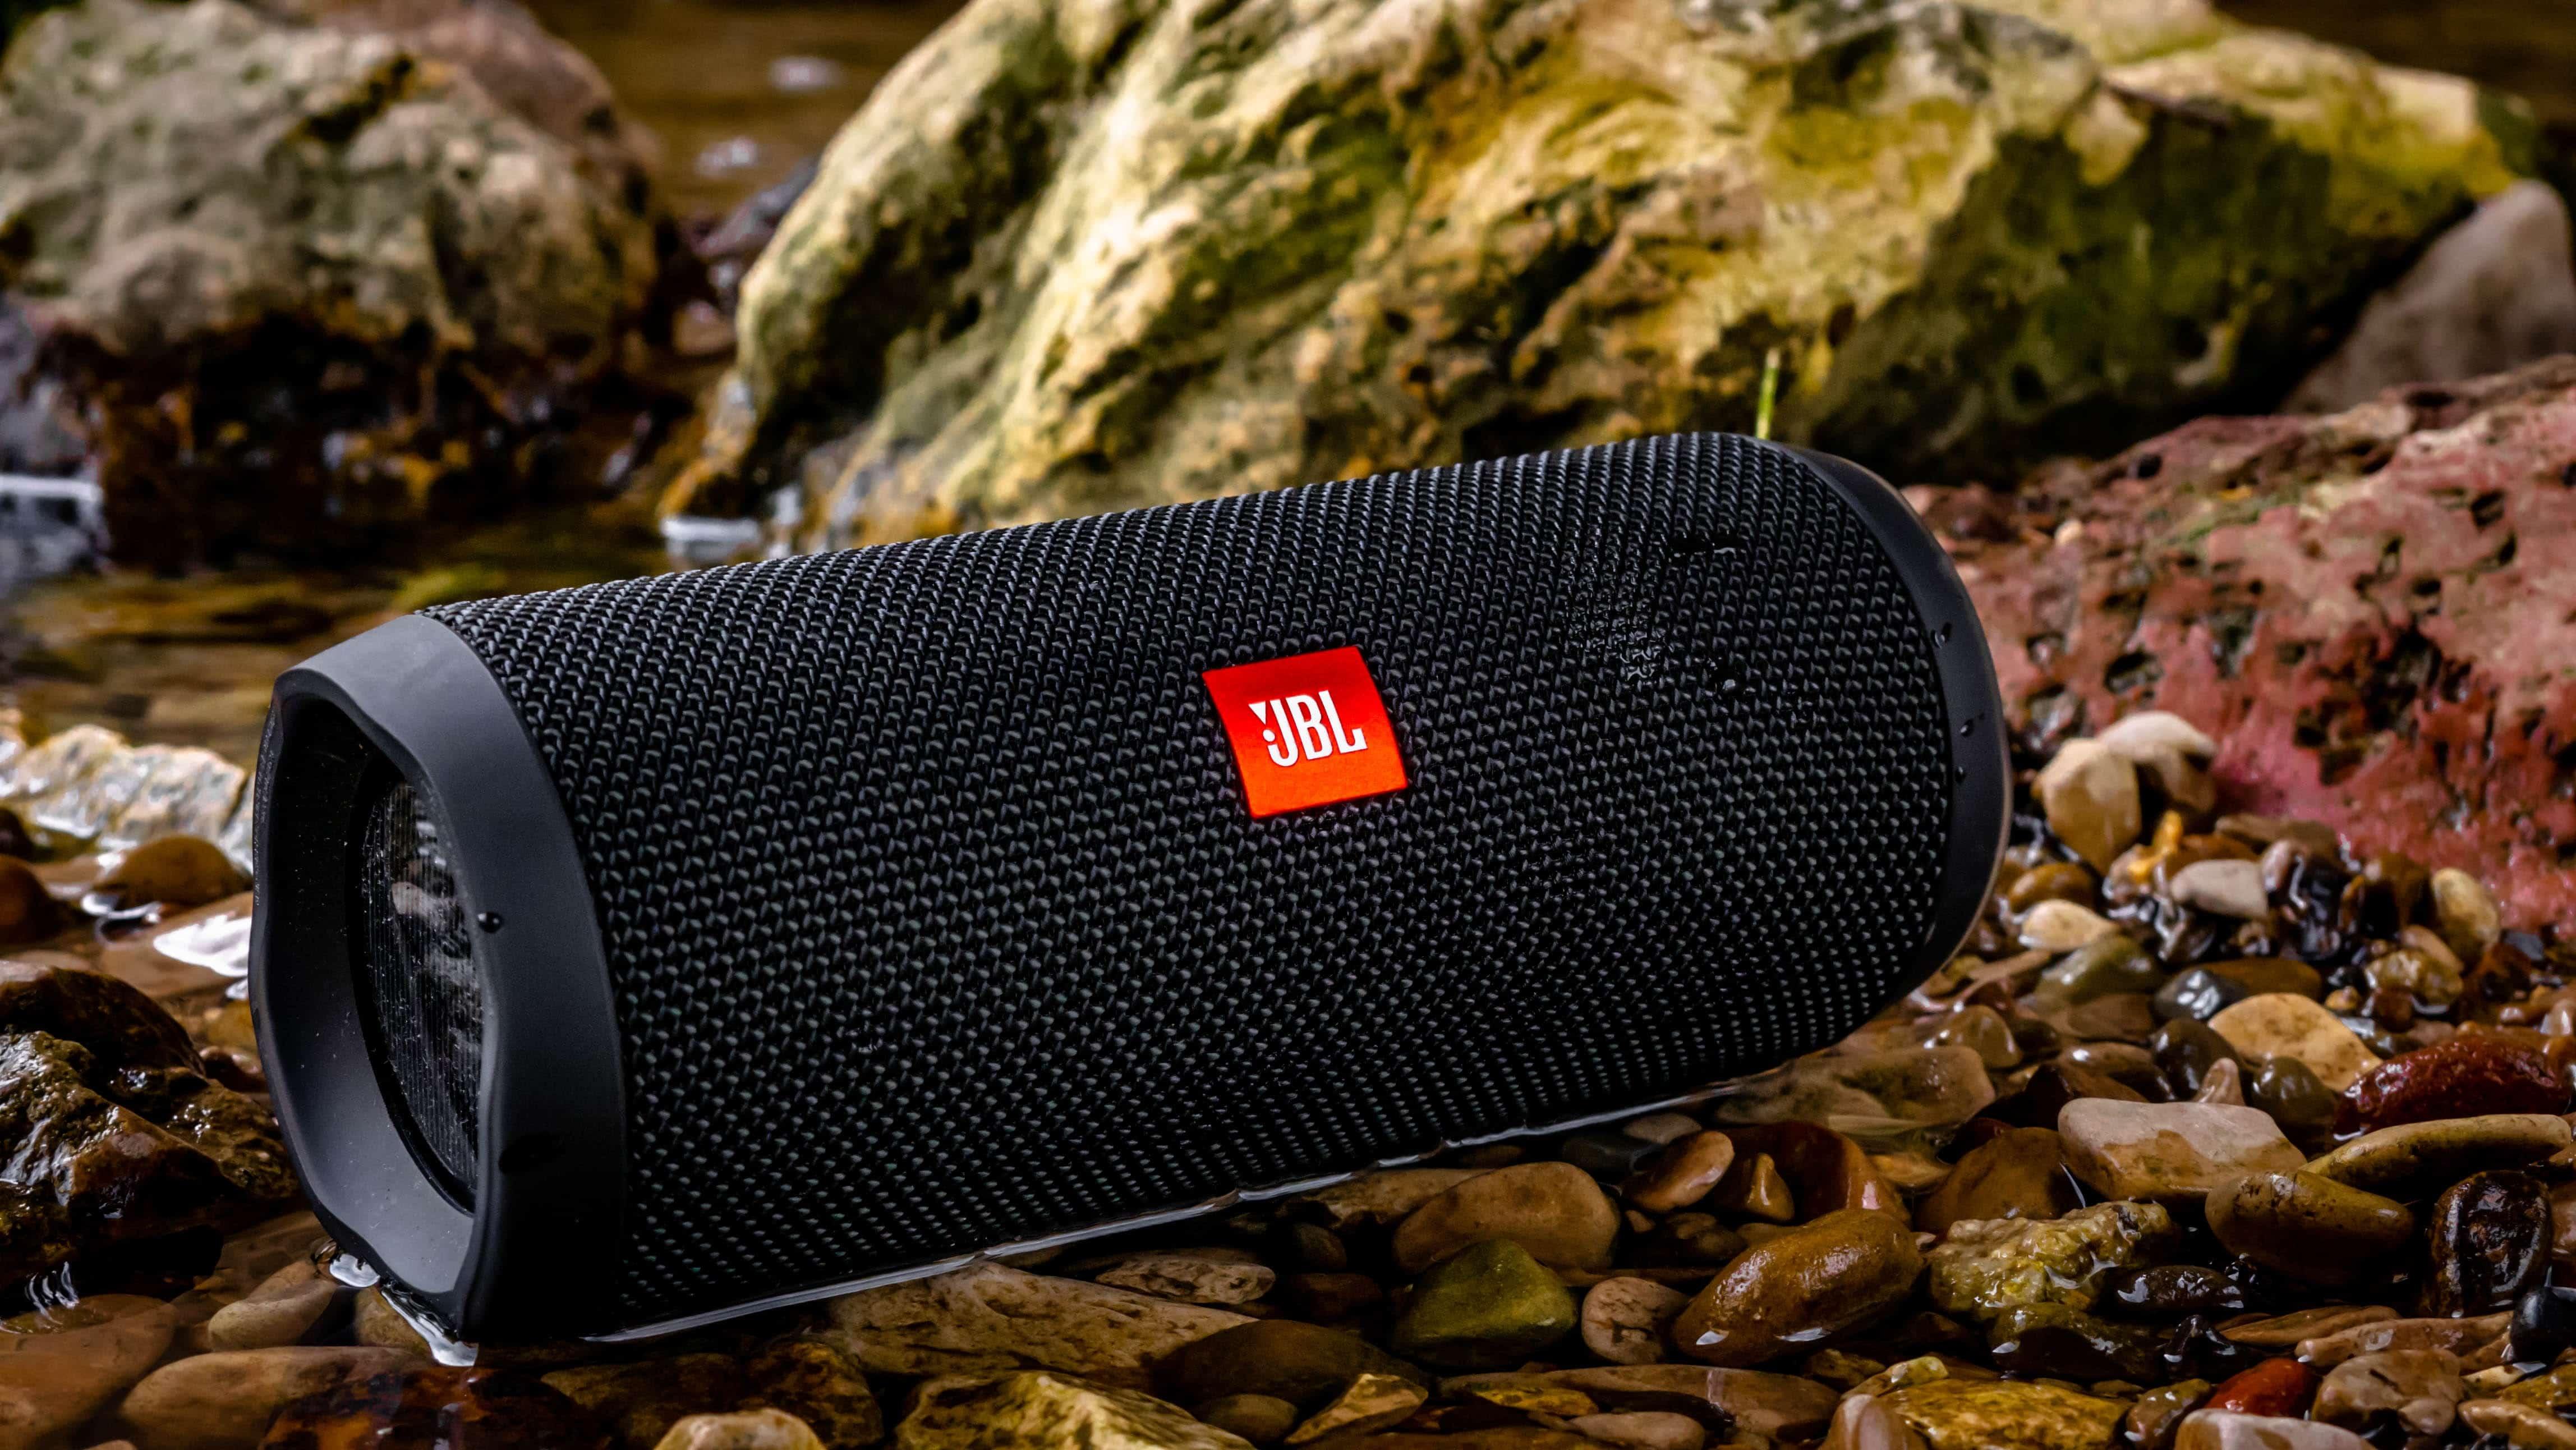 Enceinte portable Bluetooth: guide d'achat 2020, comparatif et avis 1